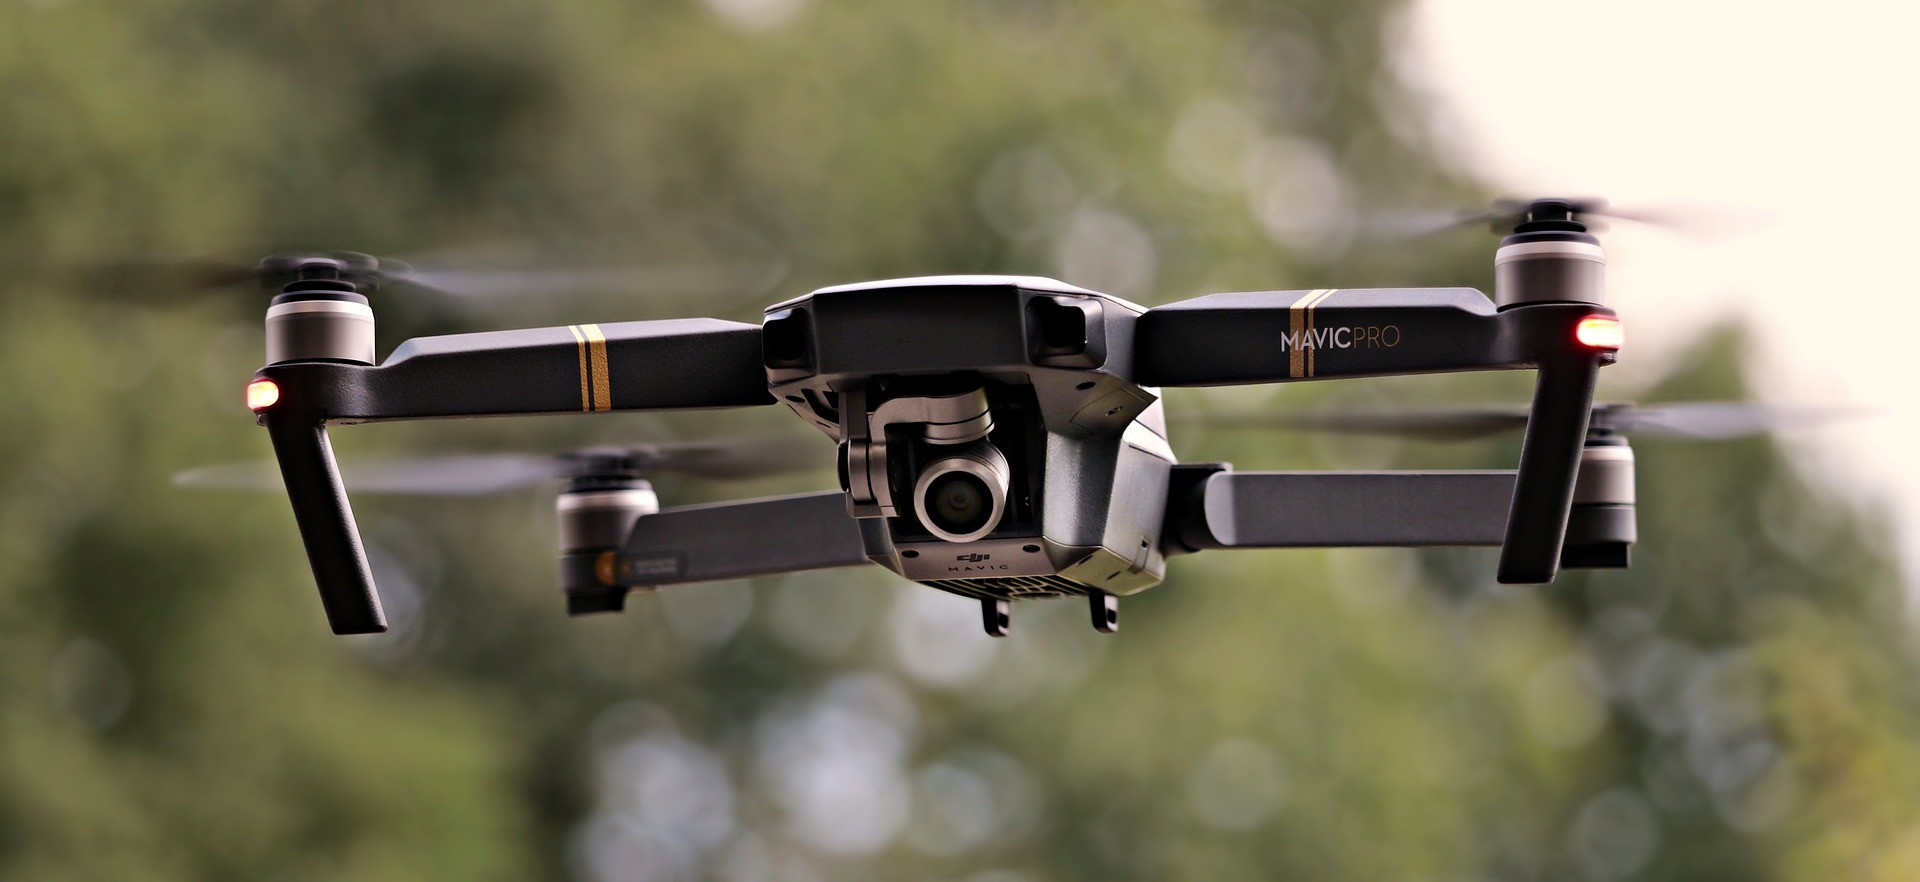 Drone durante voo (Foto: Pixabay)